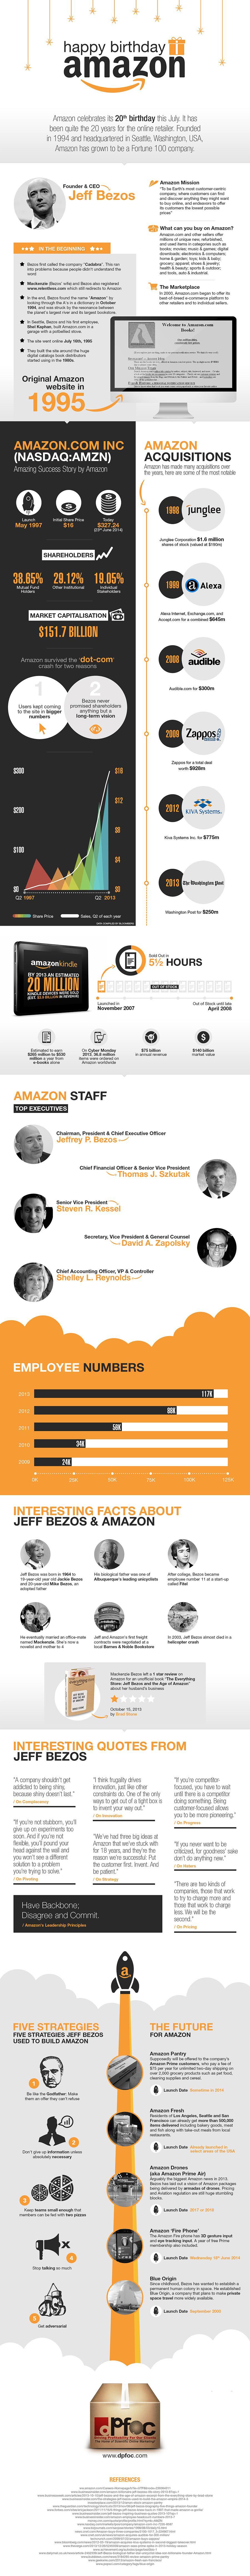 Infographic: Happy Birthday Amazon #infographic